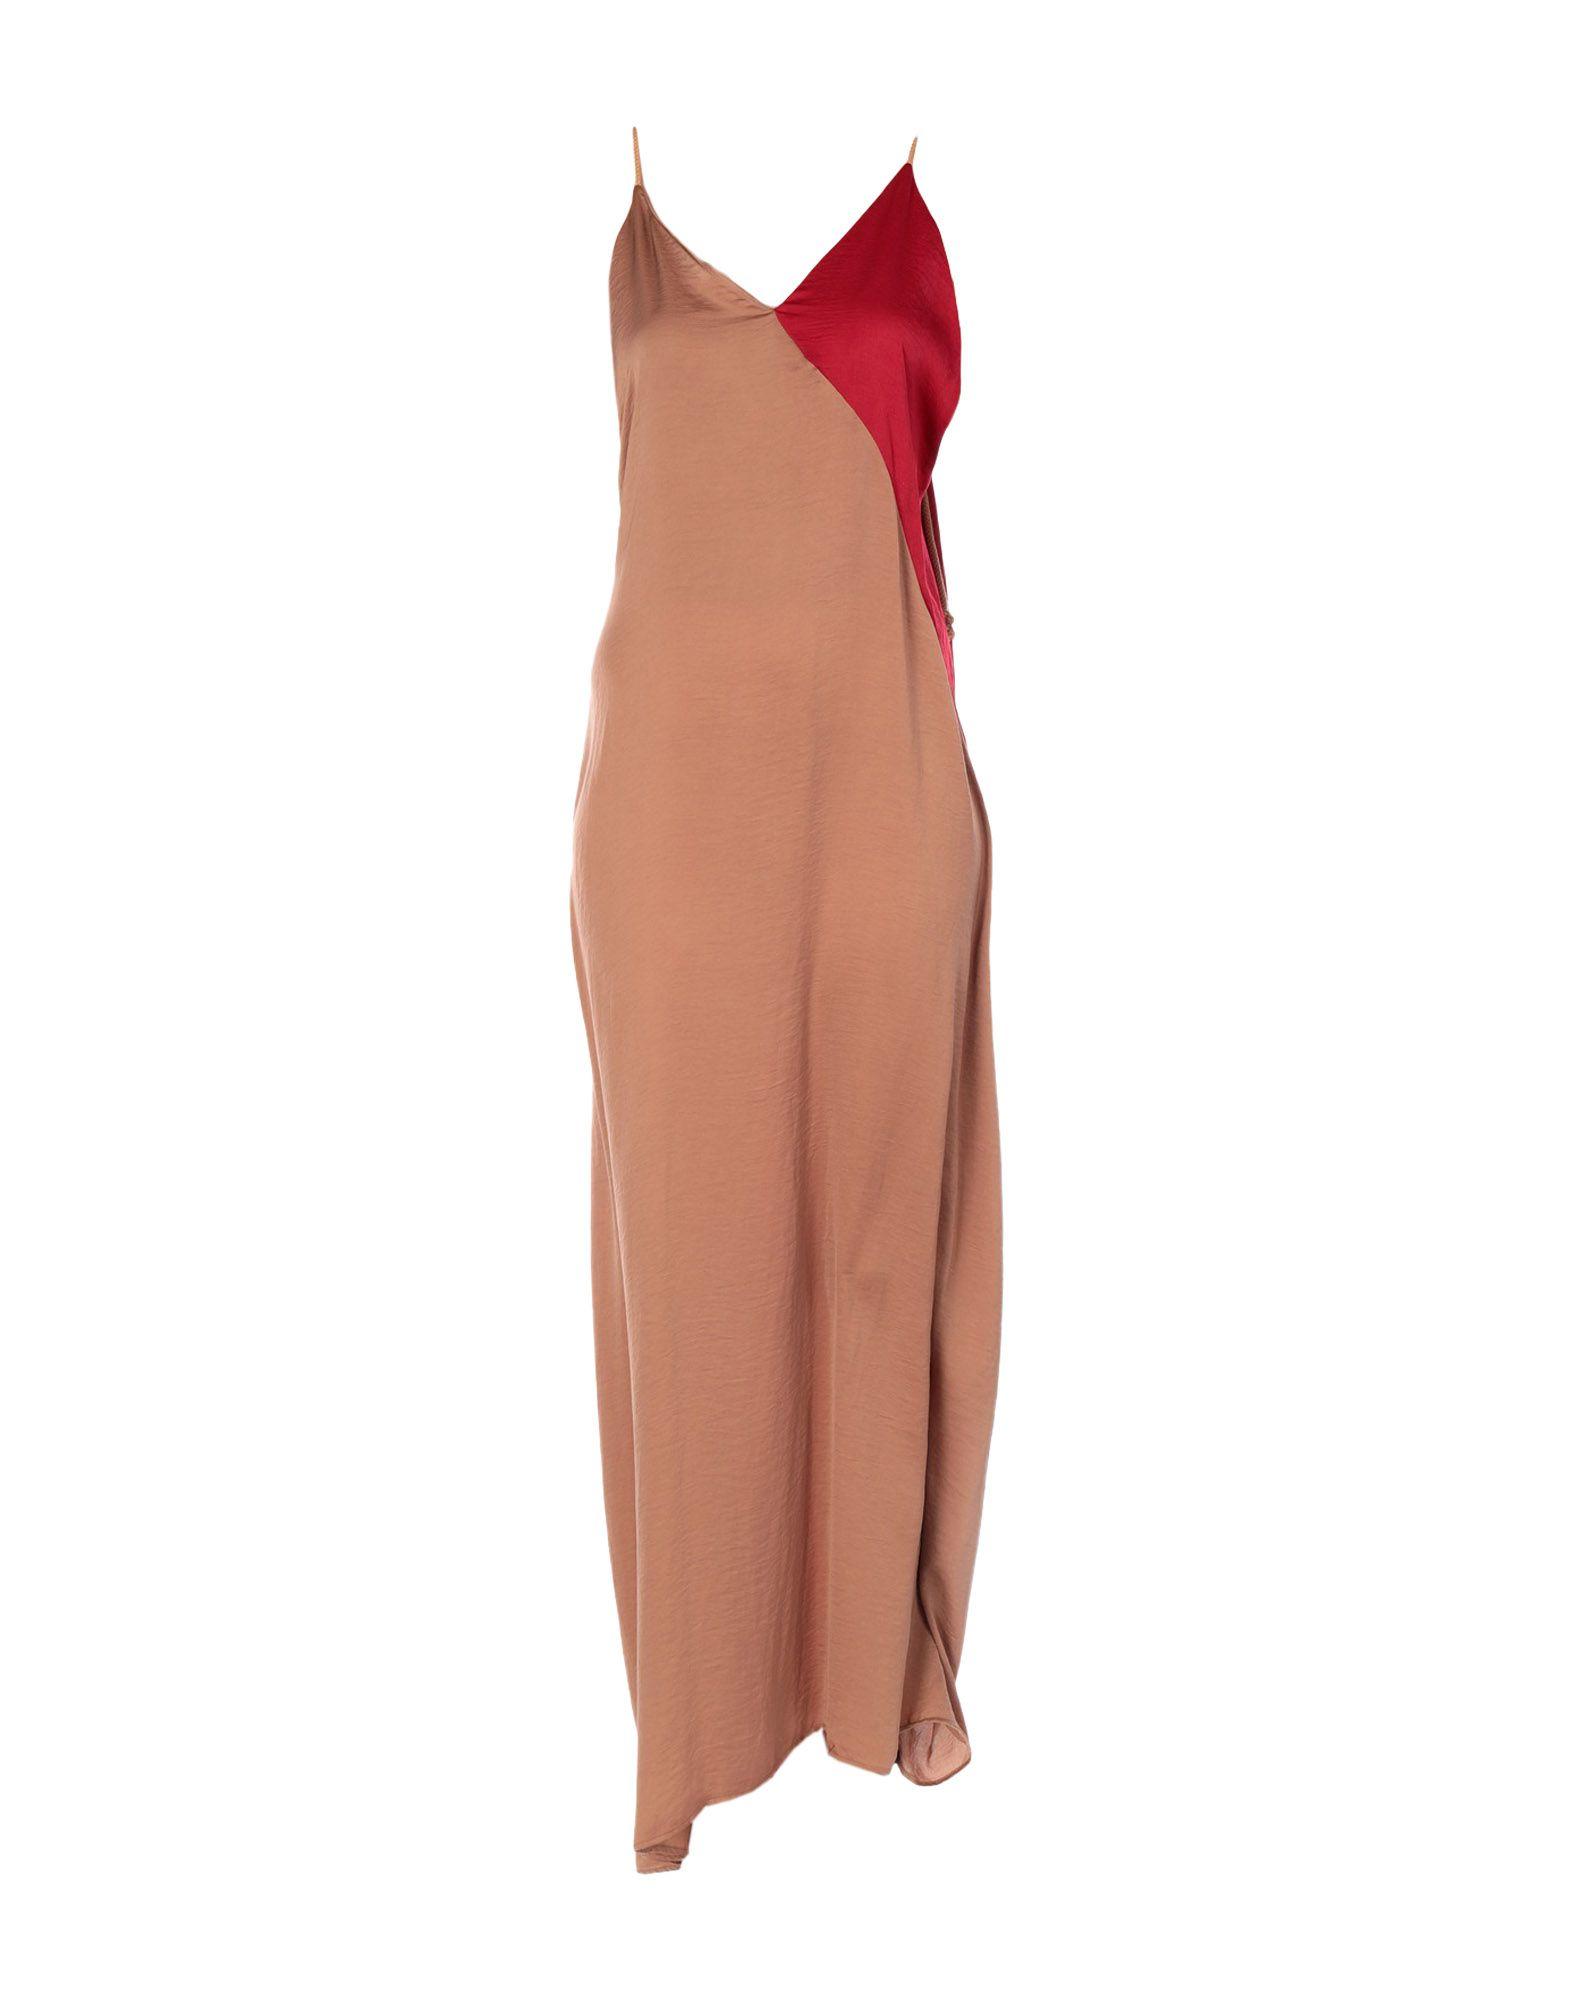 WEILI ZHENG Длинное платье cocoepps женщин большой размер длинное платье 2017 плюс размер дамы o шеи без рукавов танк summer maxi платья